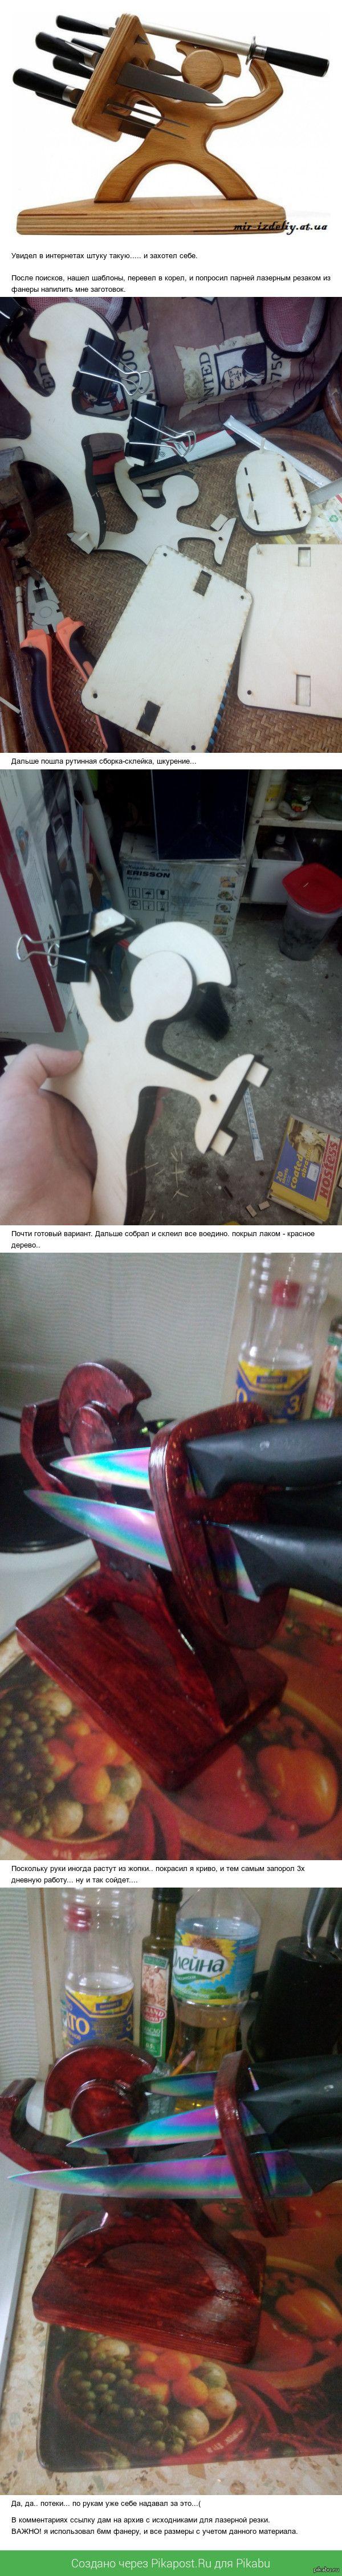 Подставка для ножей, спартанец фотографировал на JiaYa G4A  в комментариях ссылка на исходники для лазерной резки